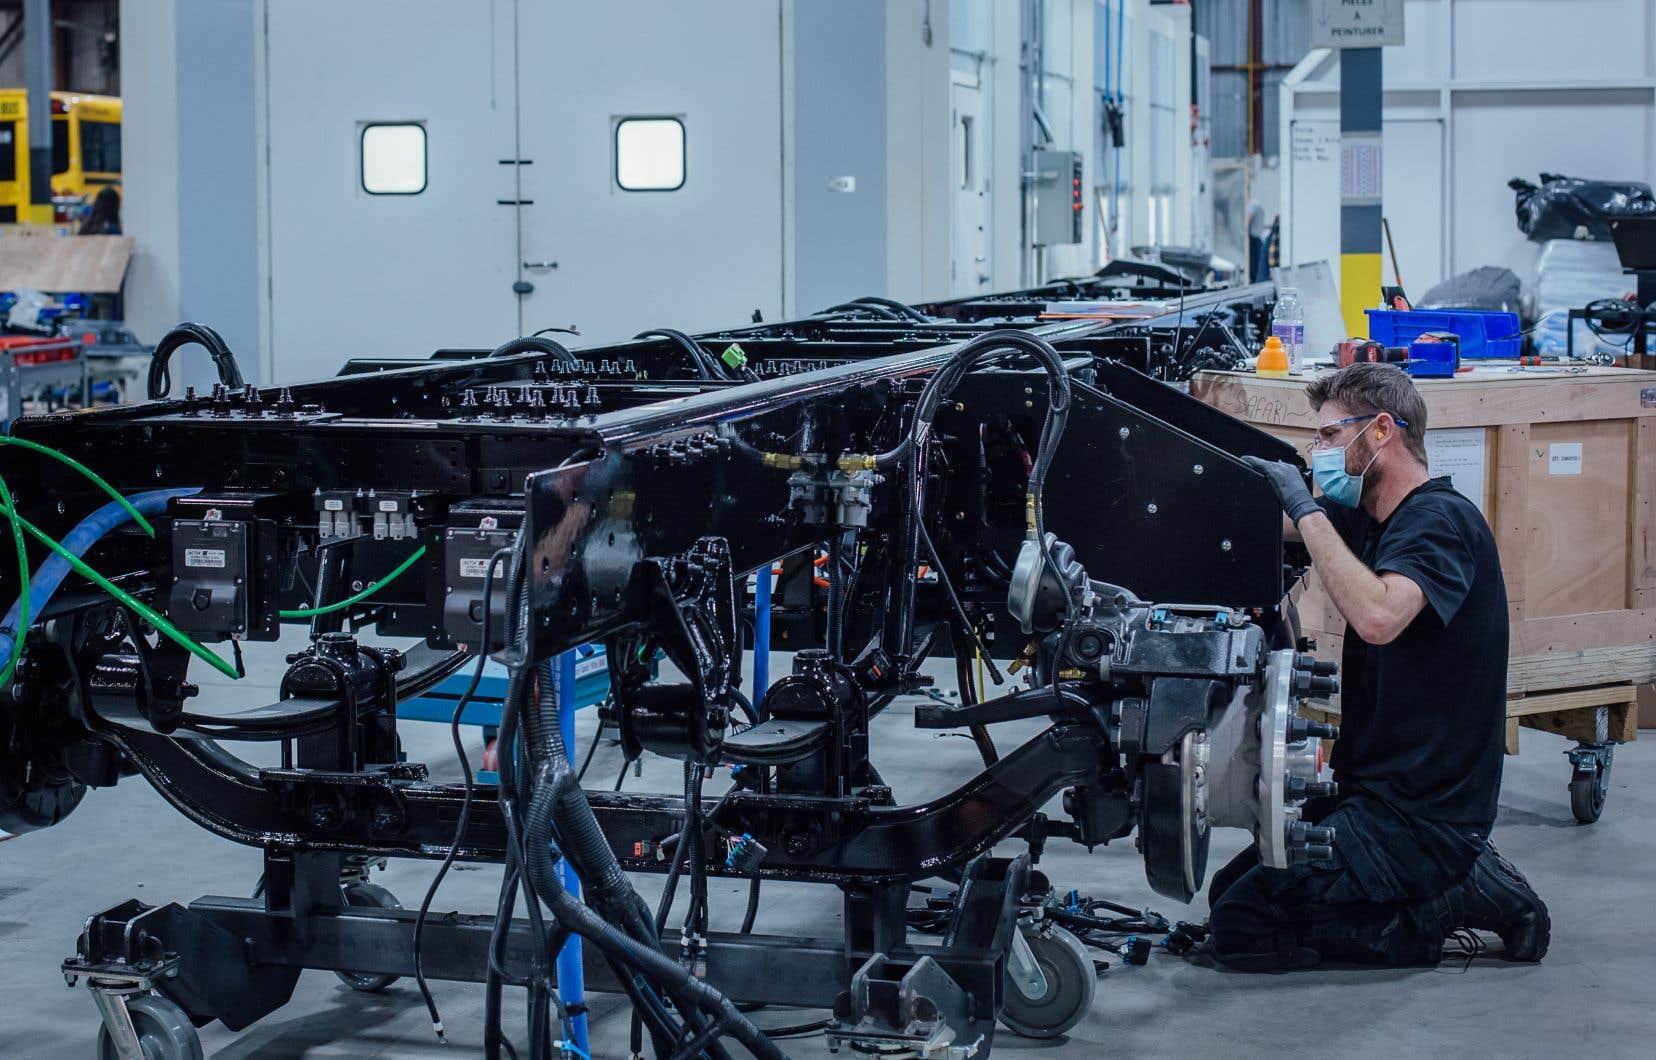 """L'adoption de modes de transport plus durables est un des secteur visé par le projet, qui ciblerait notamment des entreprises pouvant devenir « les """"Lion Électrique"""" de demain». Lion électrique est un manufacturier de véhicules lourds à zéro émission."""